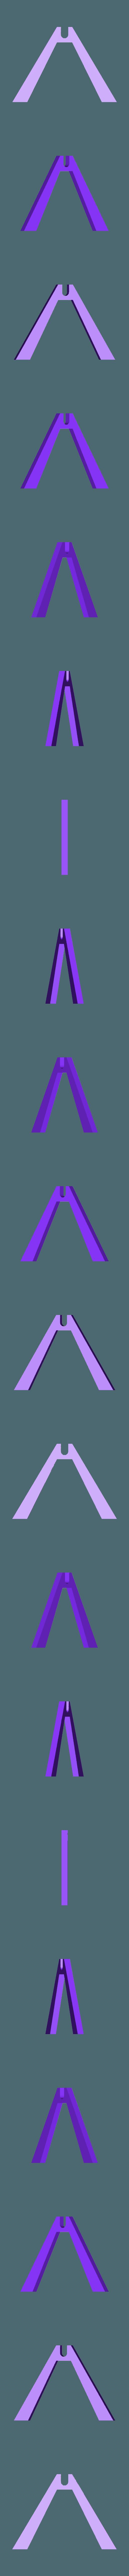 Trestle.stl Télécharger fichier STL La grande roue • Plan pour imprimante 3D, Janis_Bruchwalski